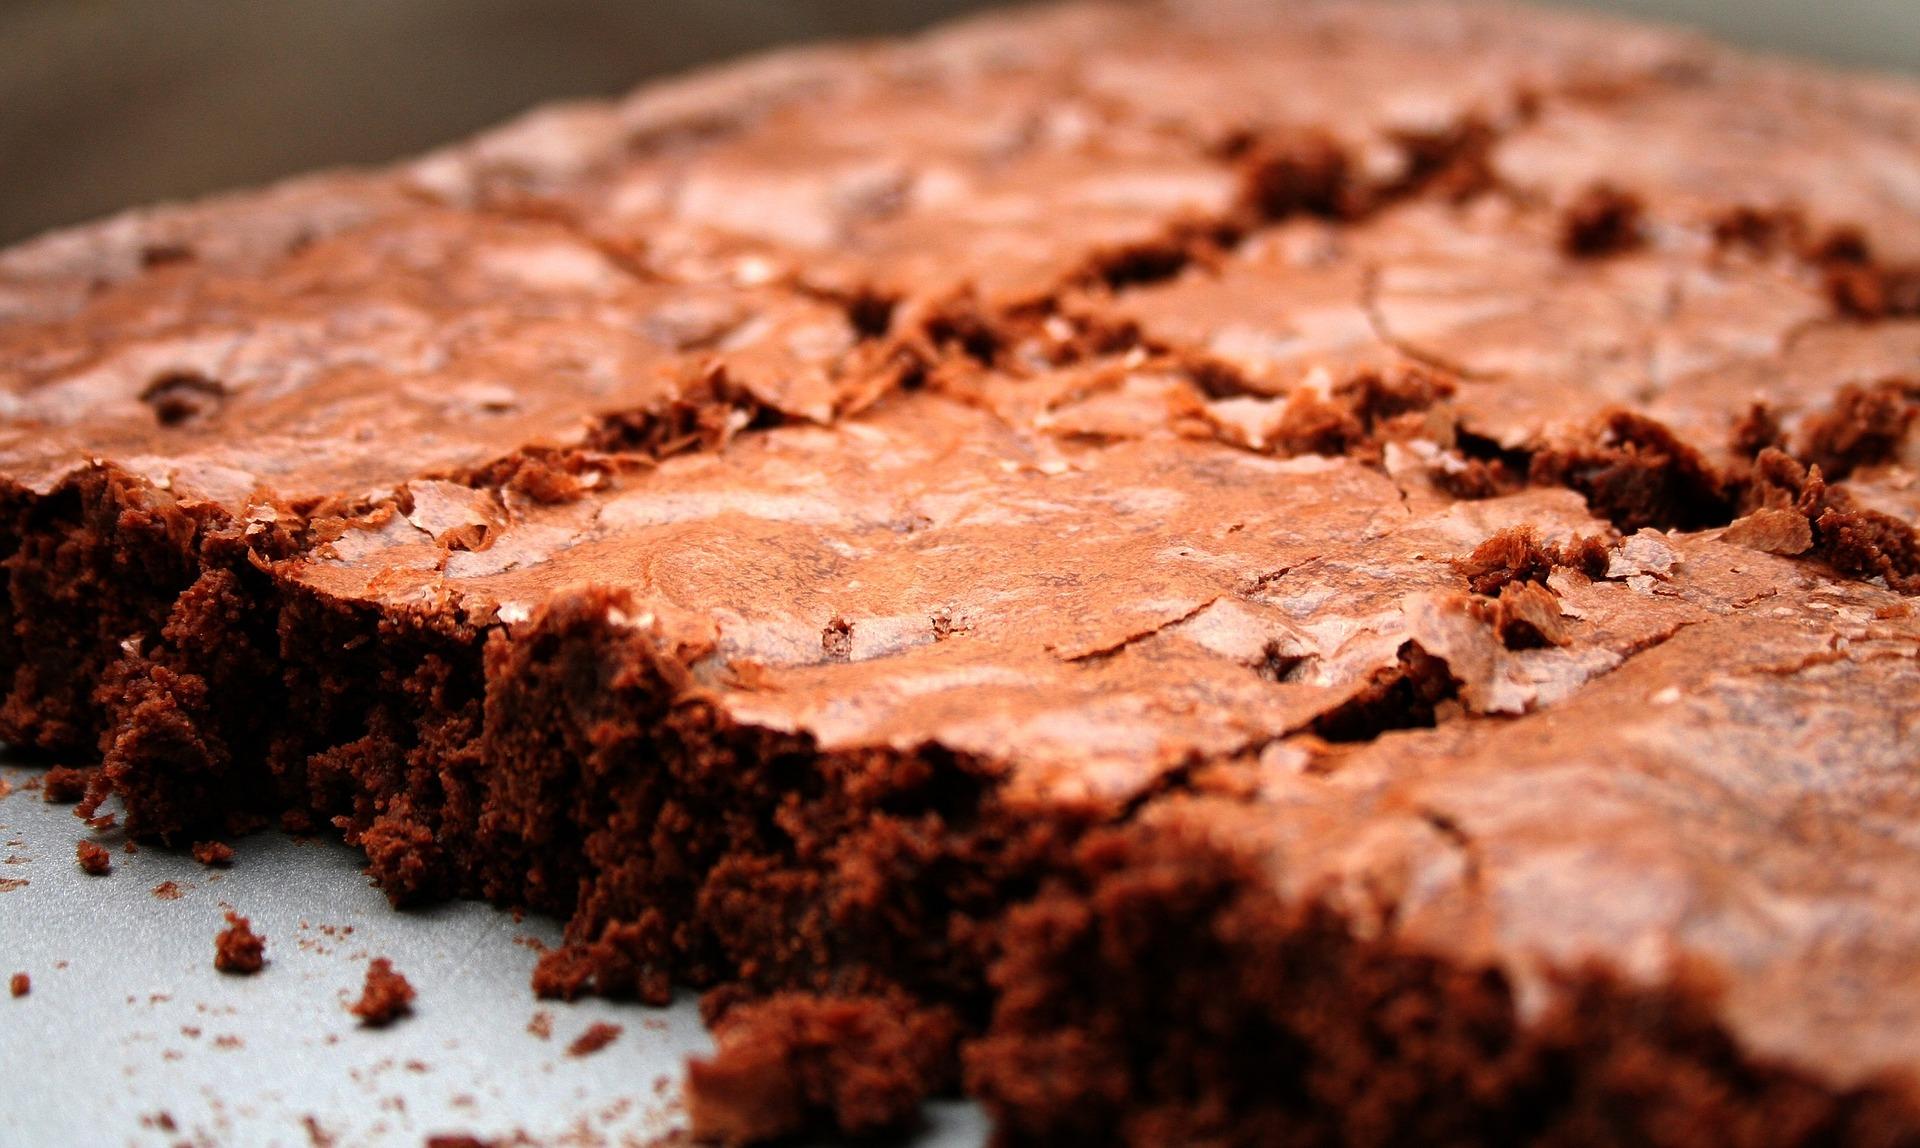 fudge-brownies-1235430_1920_1554757507267.jpg